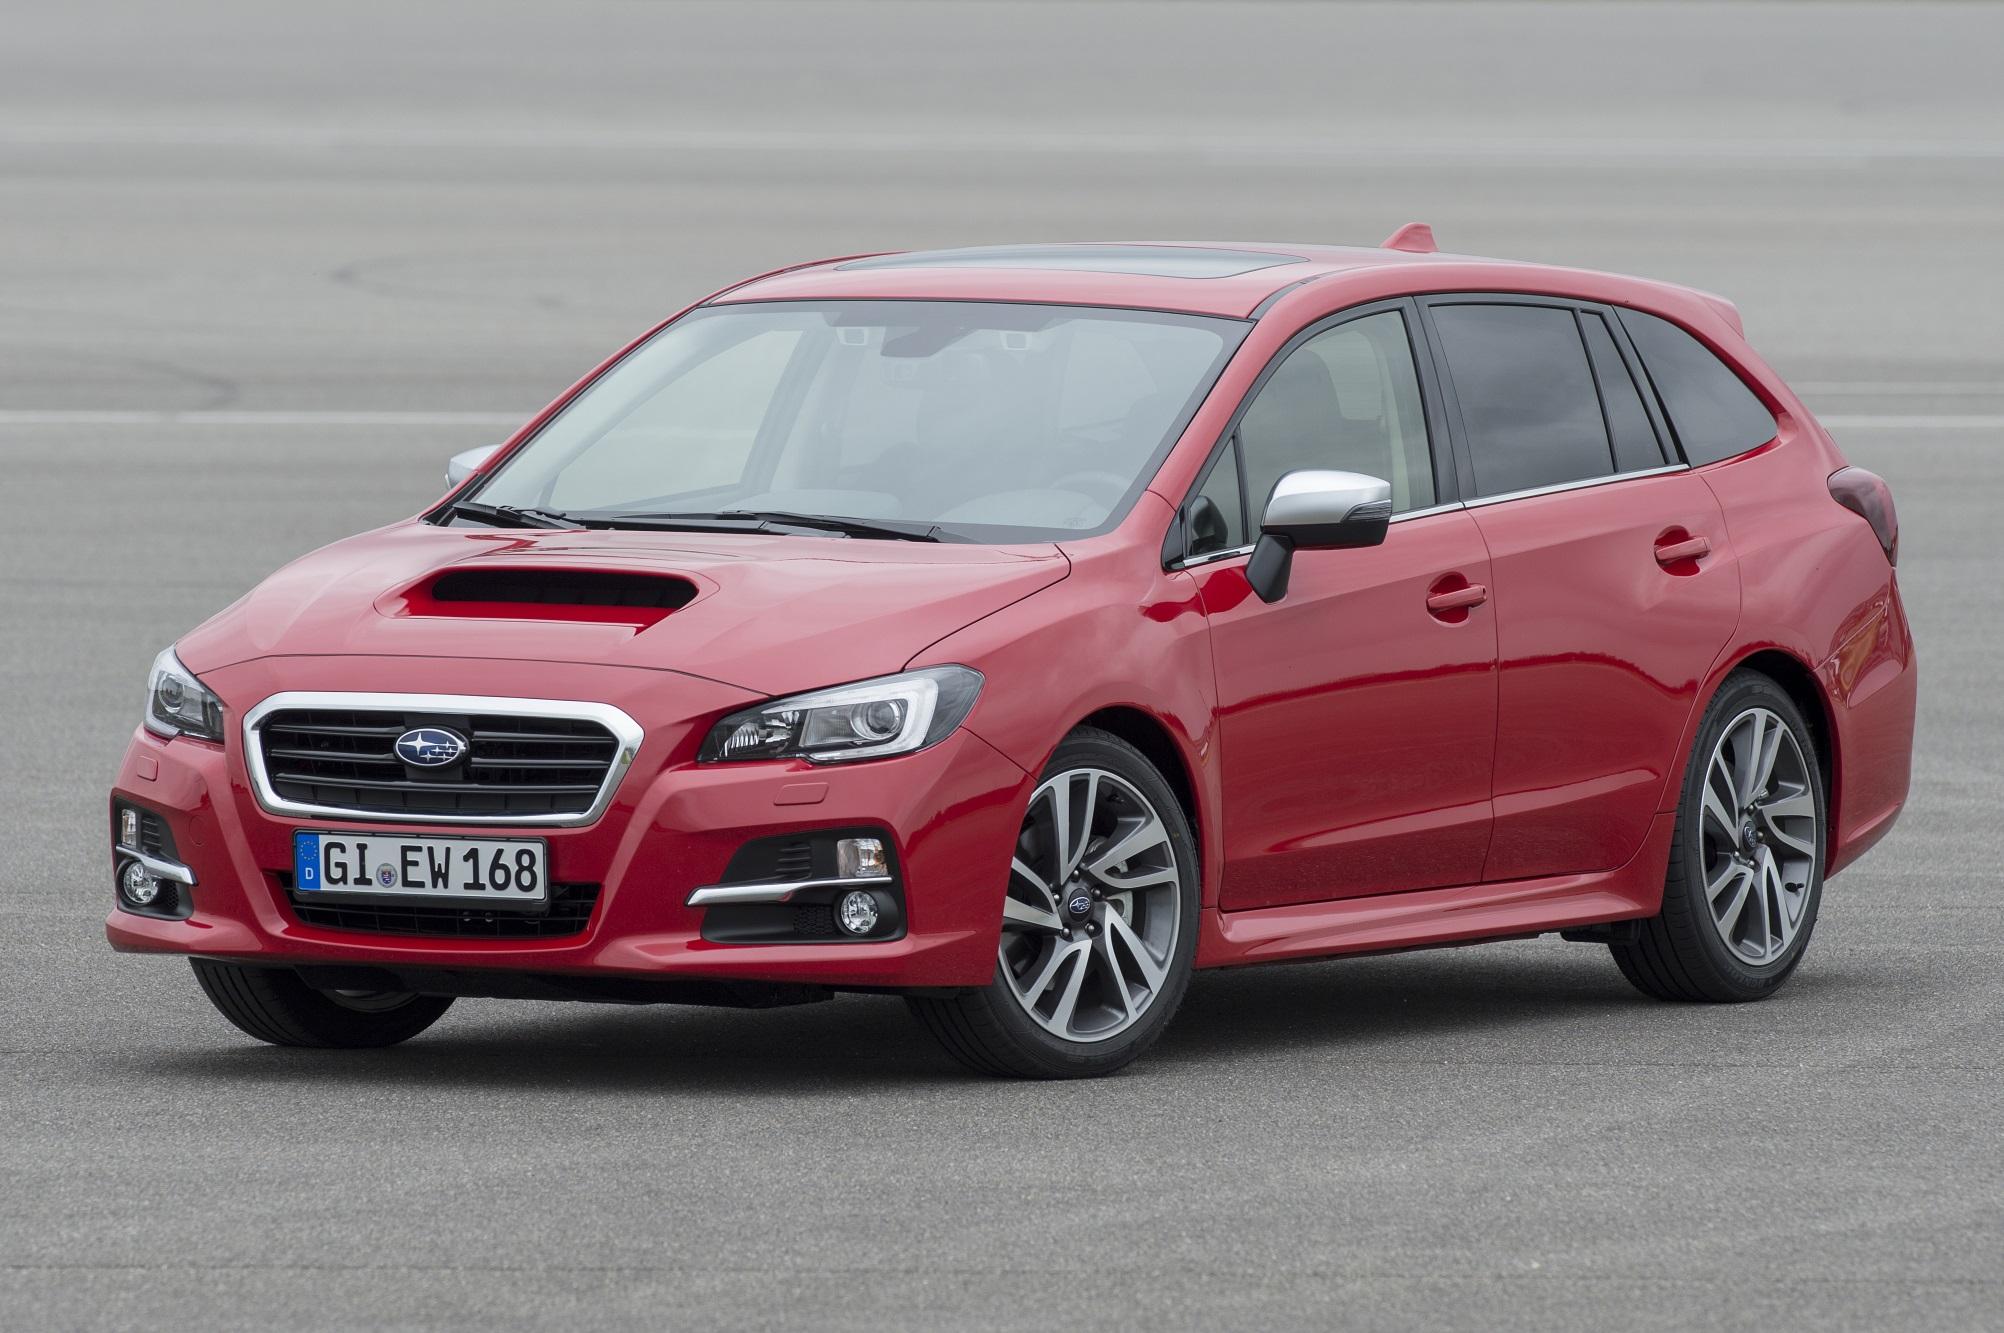 Met een forse luchthapper op de motorkap oogt de Subaru Levorg best sportief.